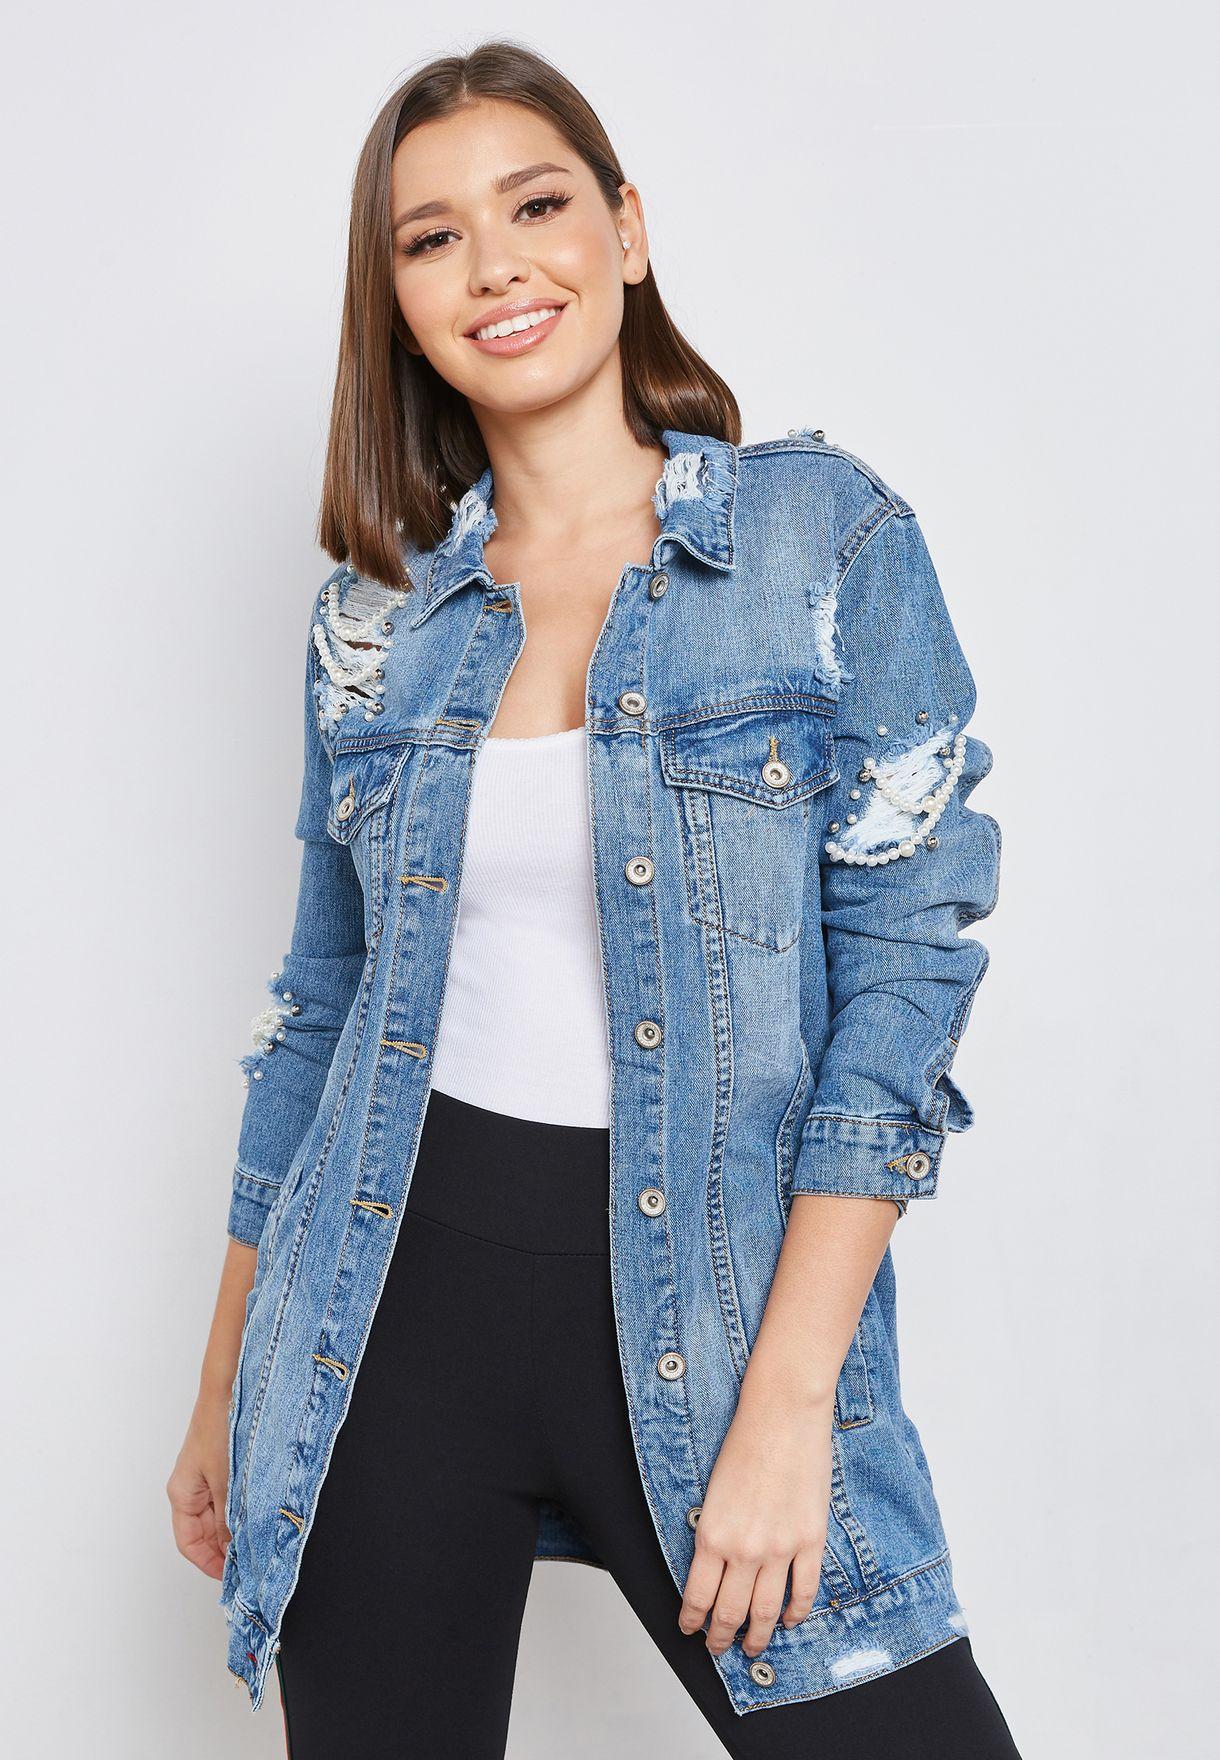 a33f5589dcf70 تسوق جاكيت جينز طويل مزين باللؤلؤ ماركة جينجر لون أزرق W3170 في ...